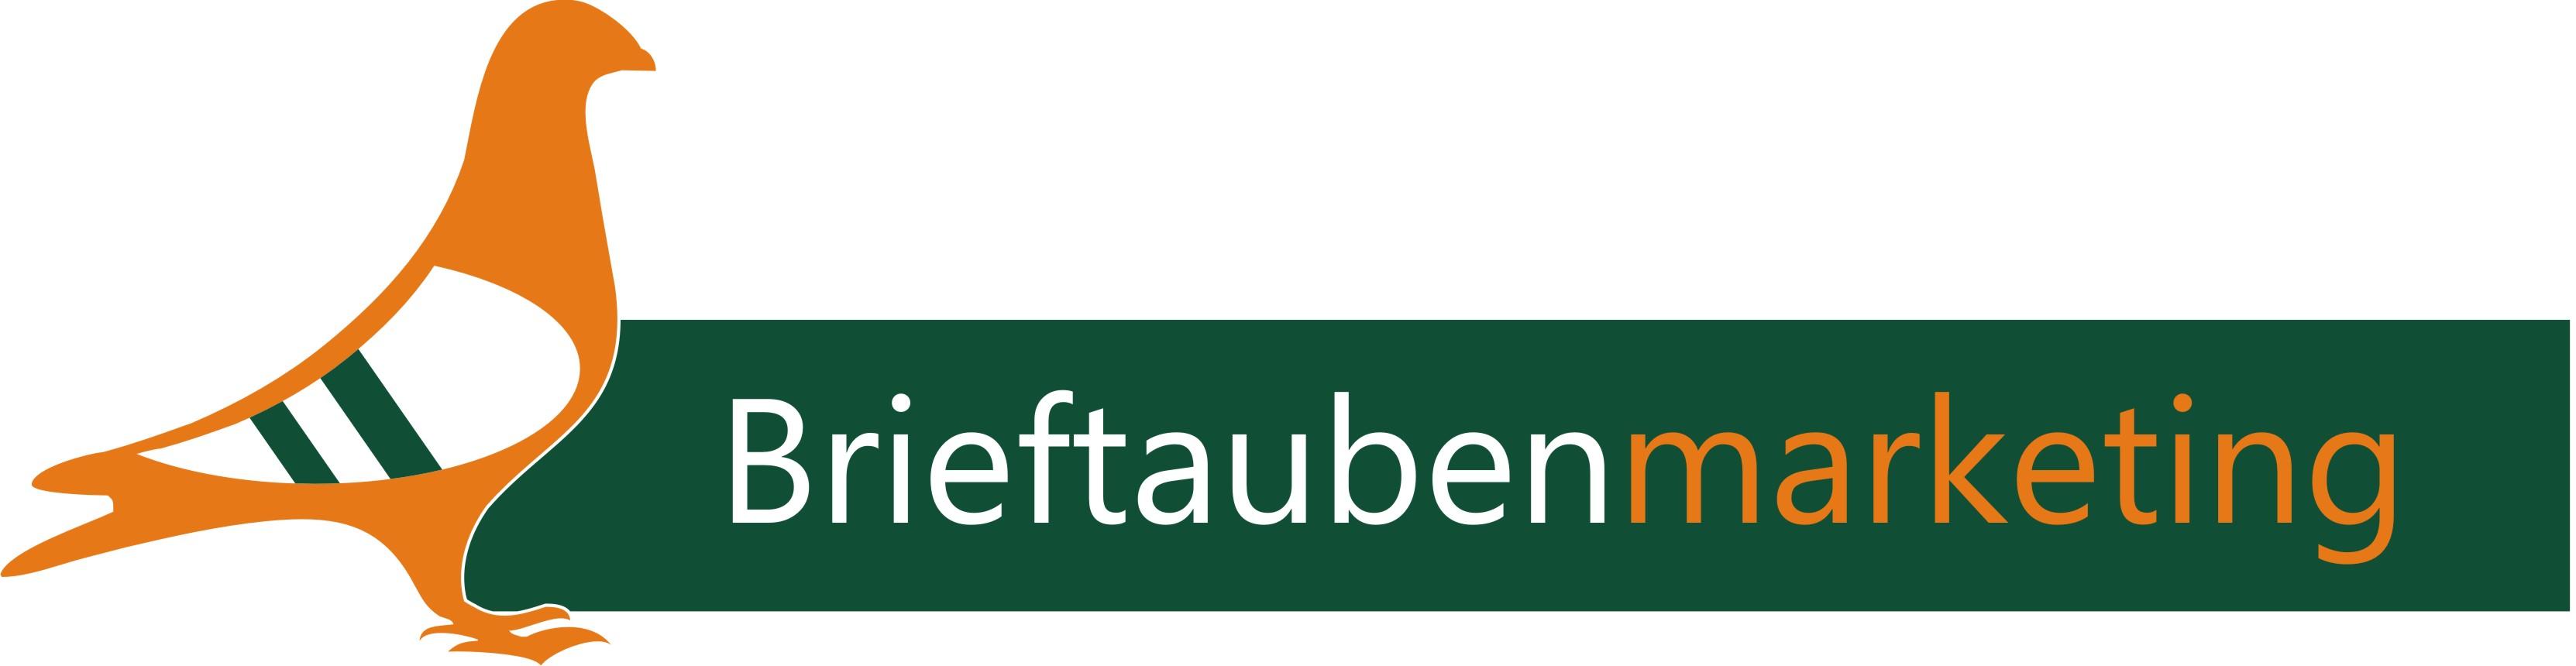 Naumann-Logo.jpg - 143,84 kB